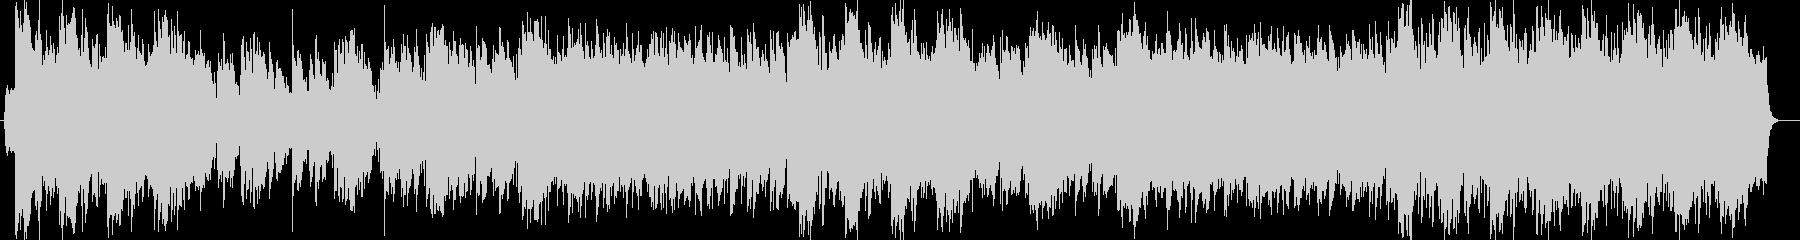 勢いがありエレクトーンが印象的なバラードの未再生の波形